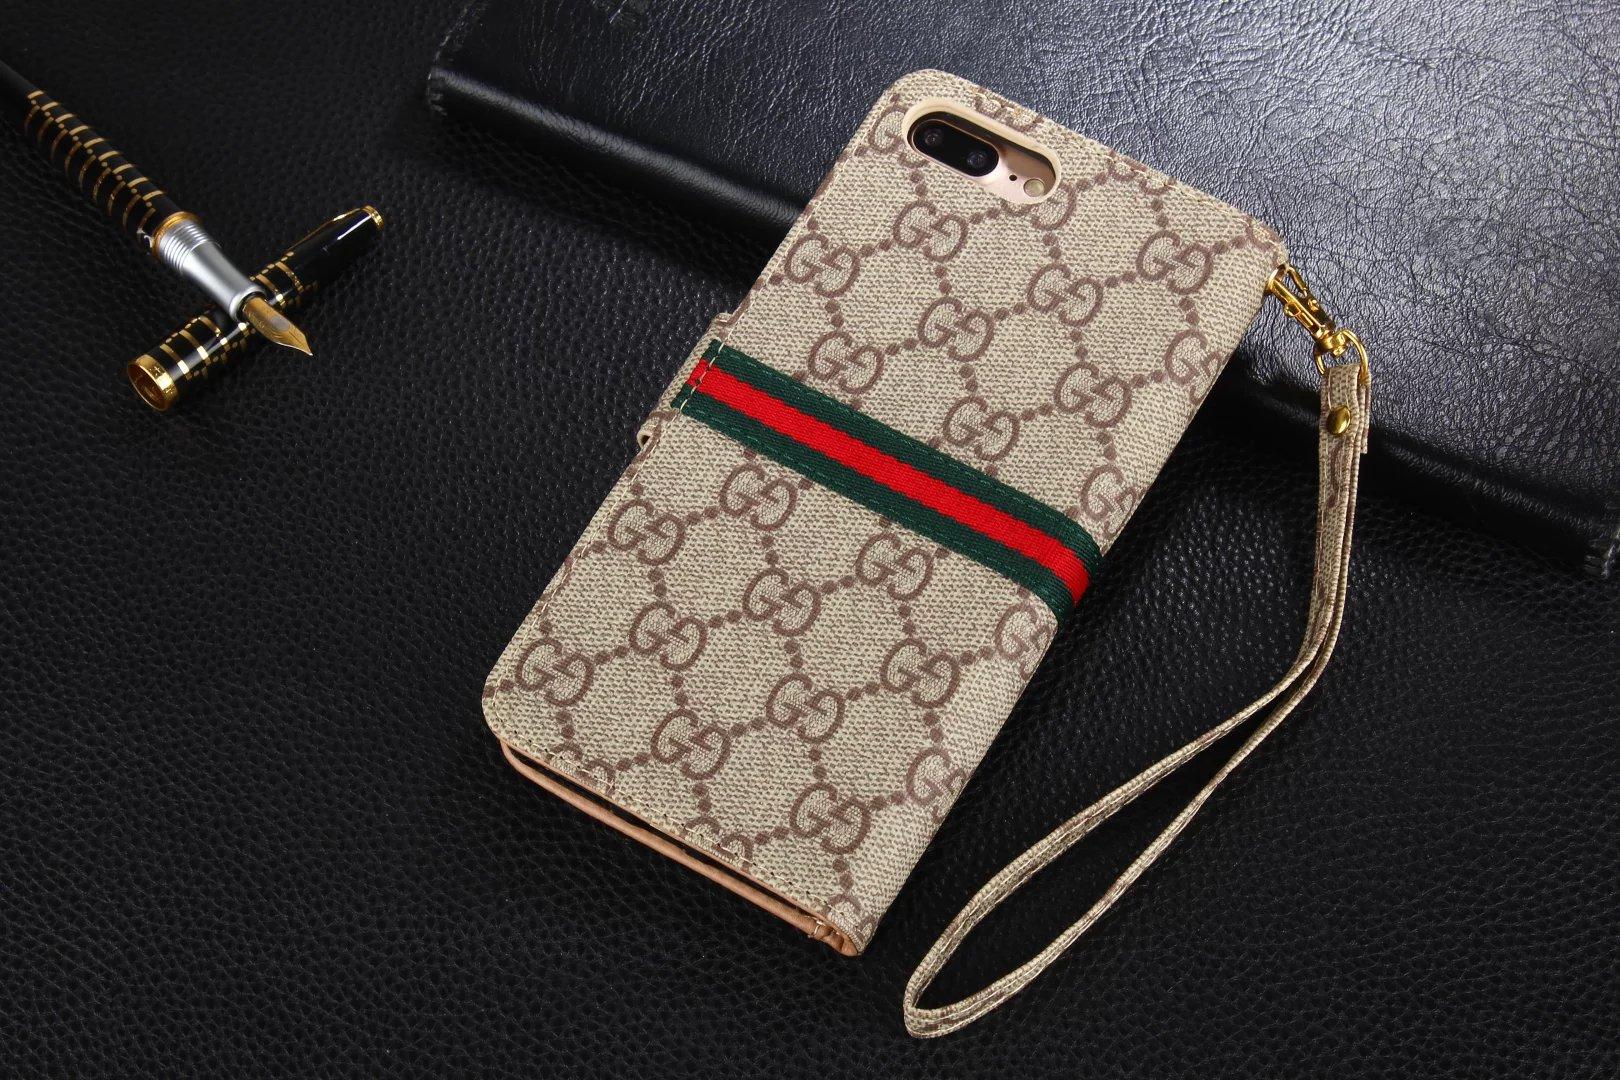 iphone schutzhülle selbst gestalten iphone hüllen shop Gucci iphone7 hülle iphone 7 hülle kaufen iphone schutzhülle apple foto handy hülle iphone 7 s oder 6 schöne handyhüllen günstige handy hüllen